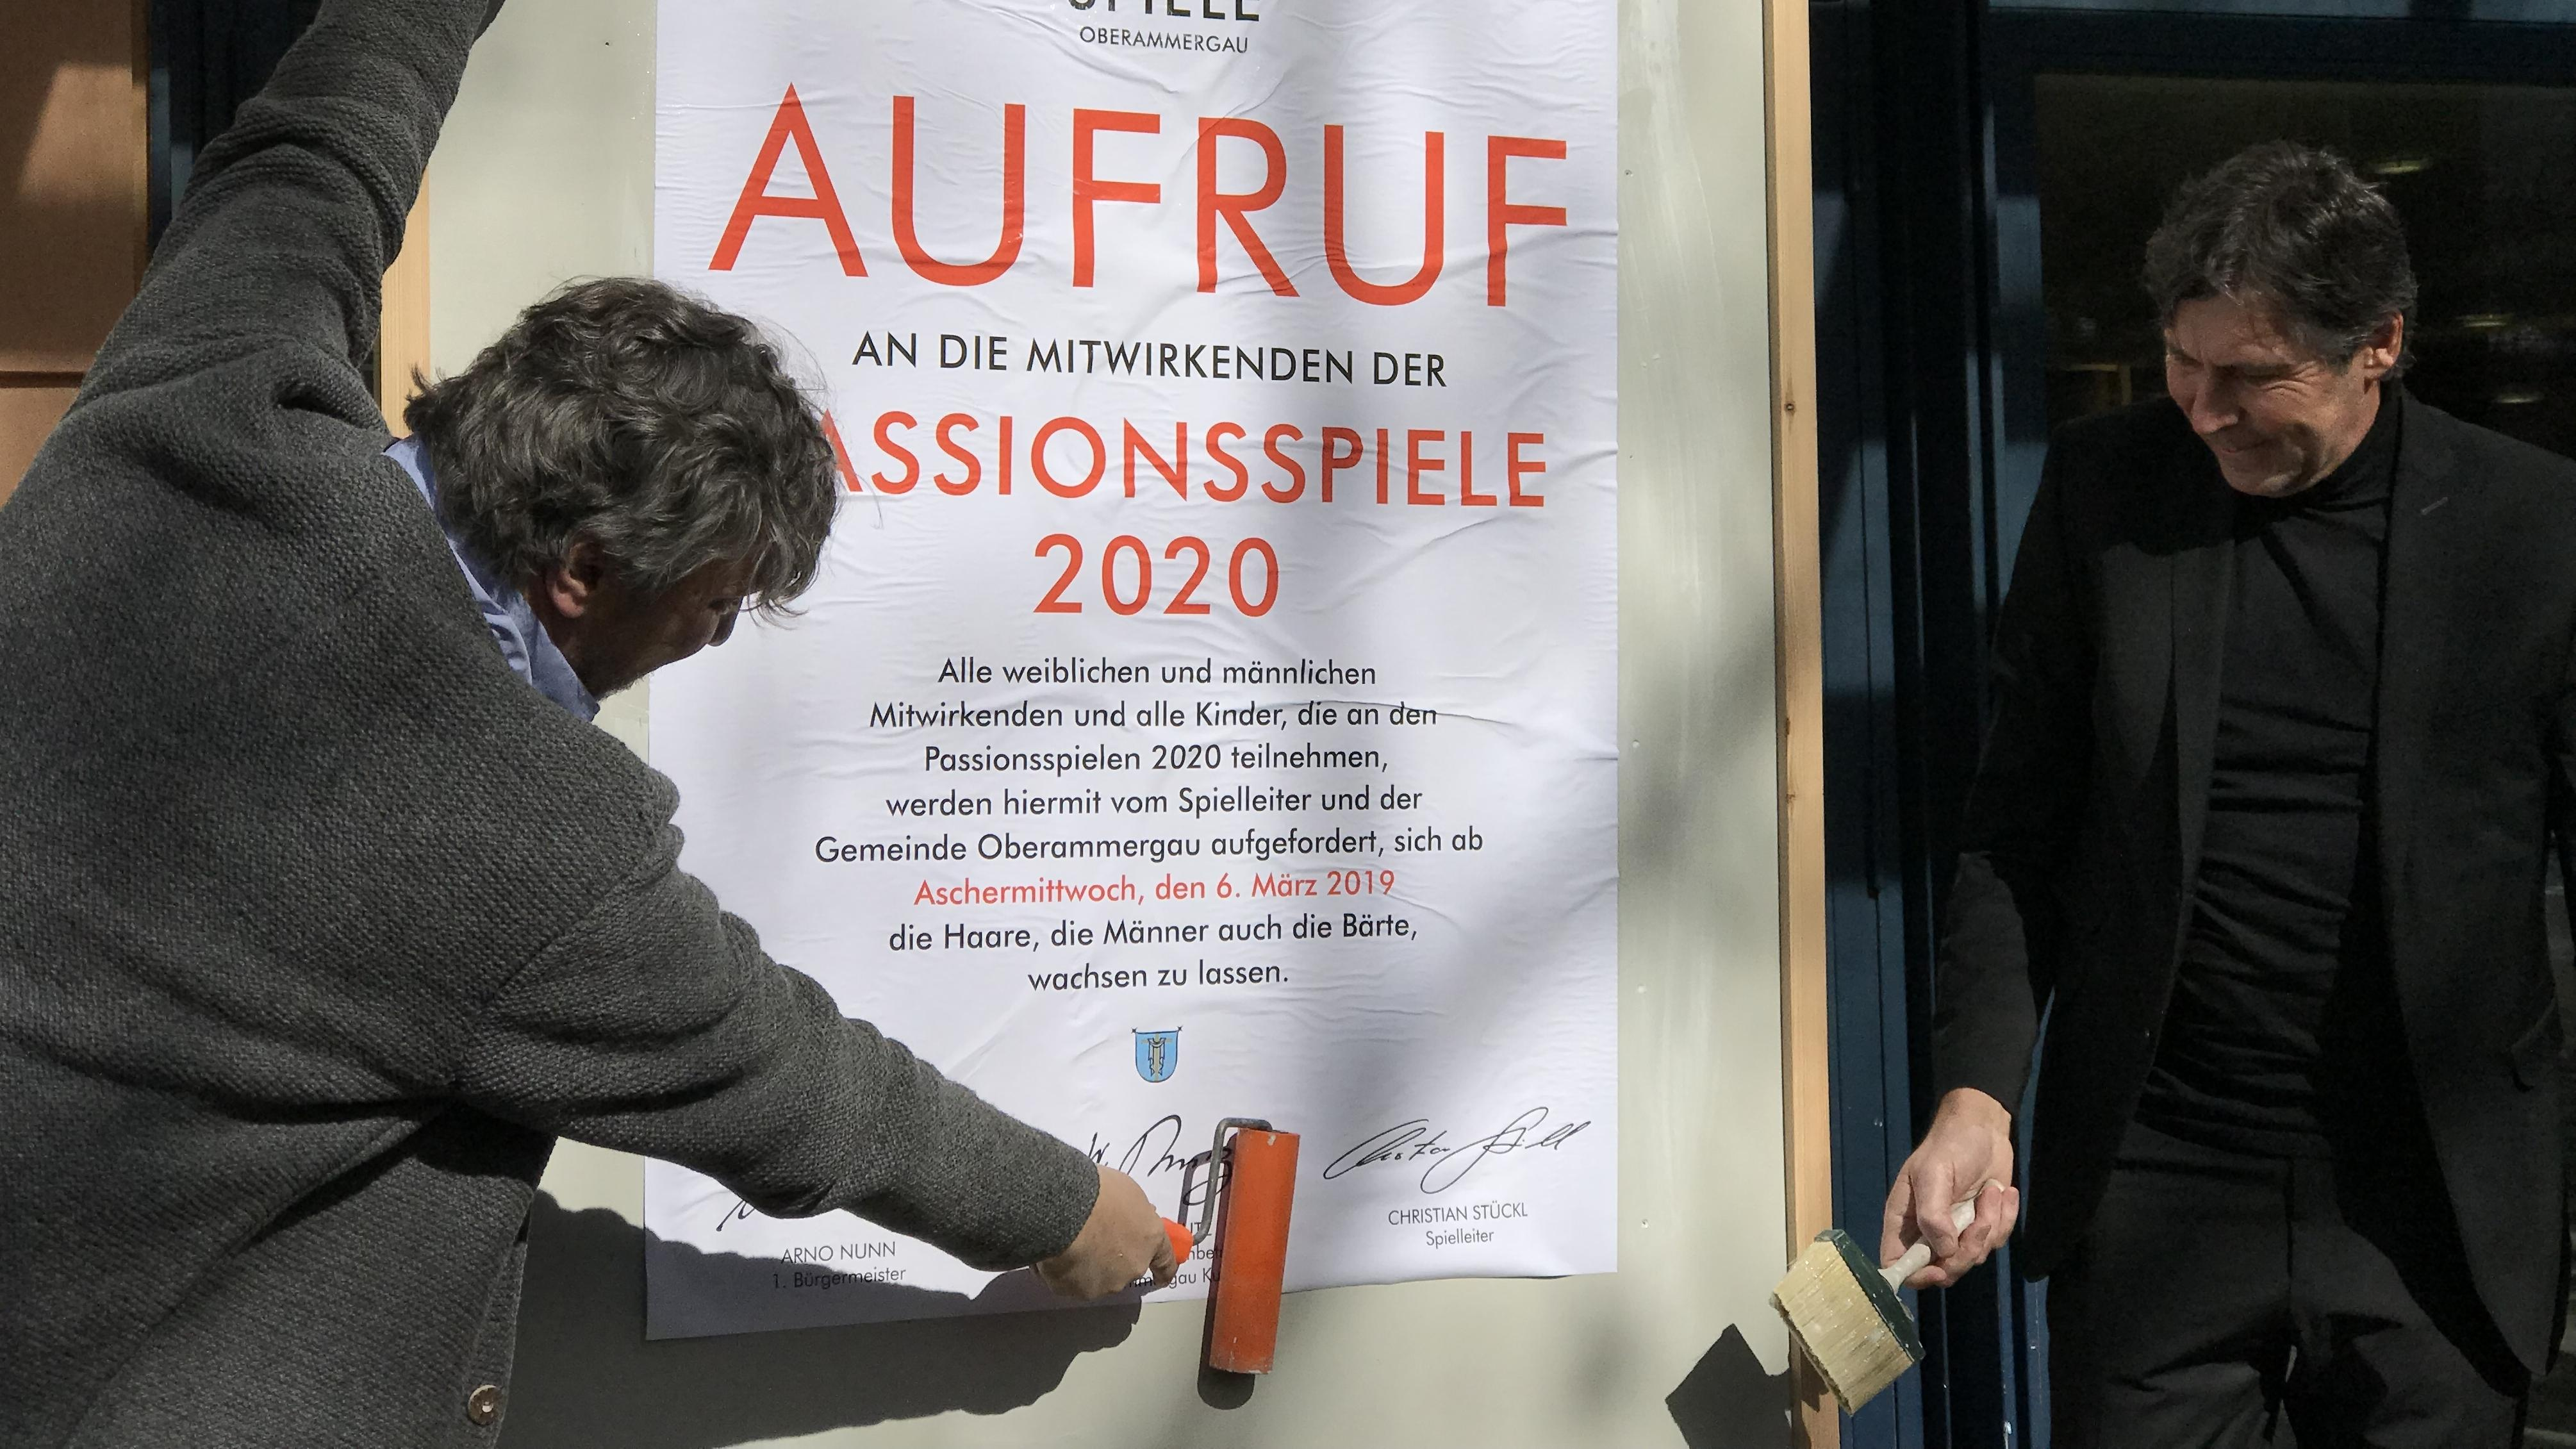 Passionsspielleiter Christian Stückl (l.) und Bürgermeister Bürgermeister Arno Nunn plakatieren den Haar- und Barterlass.